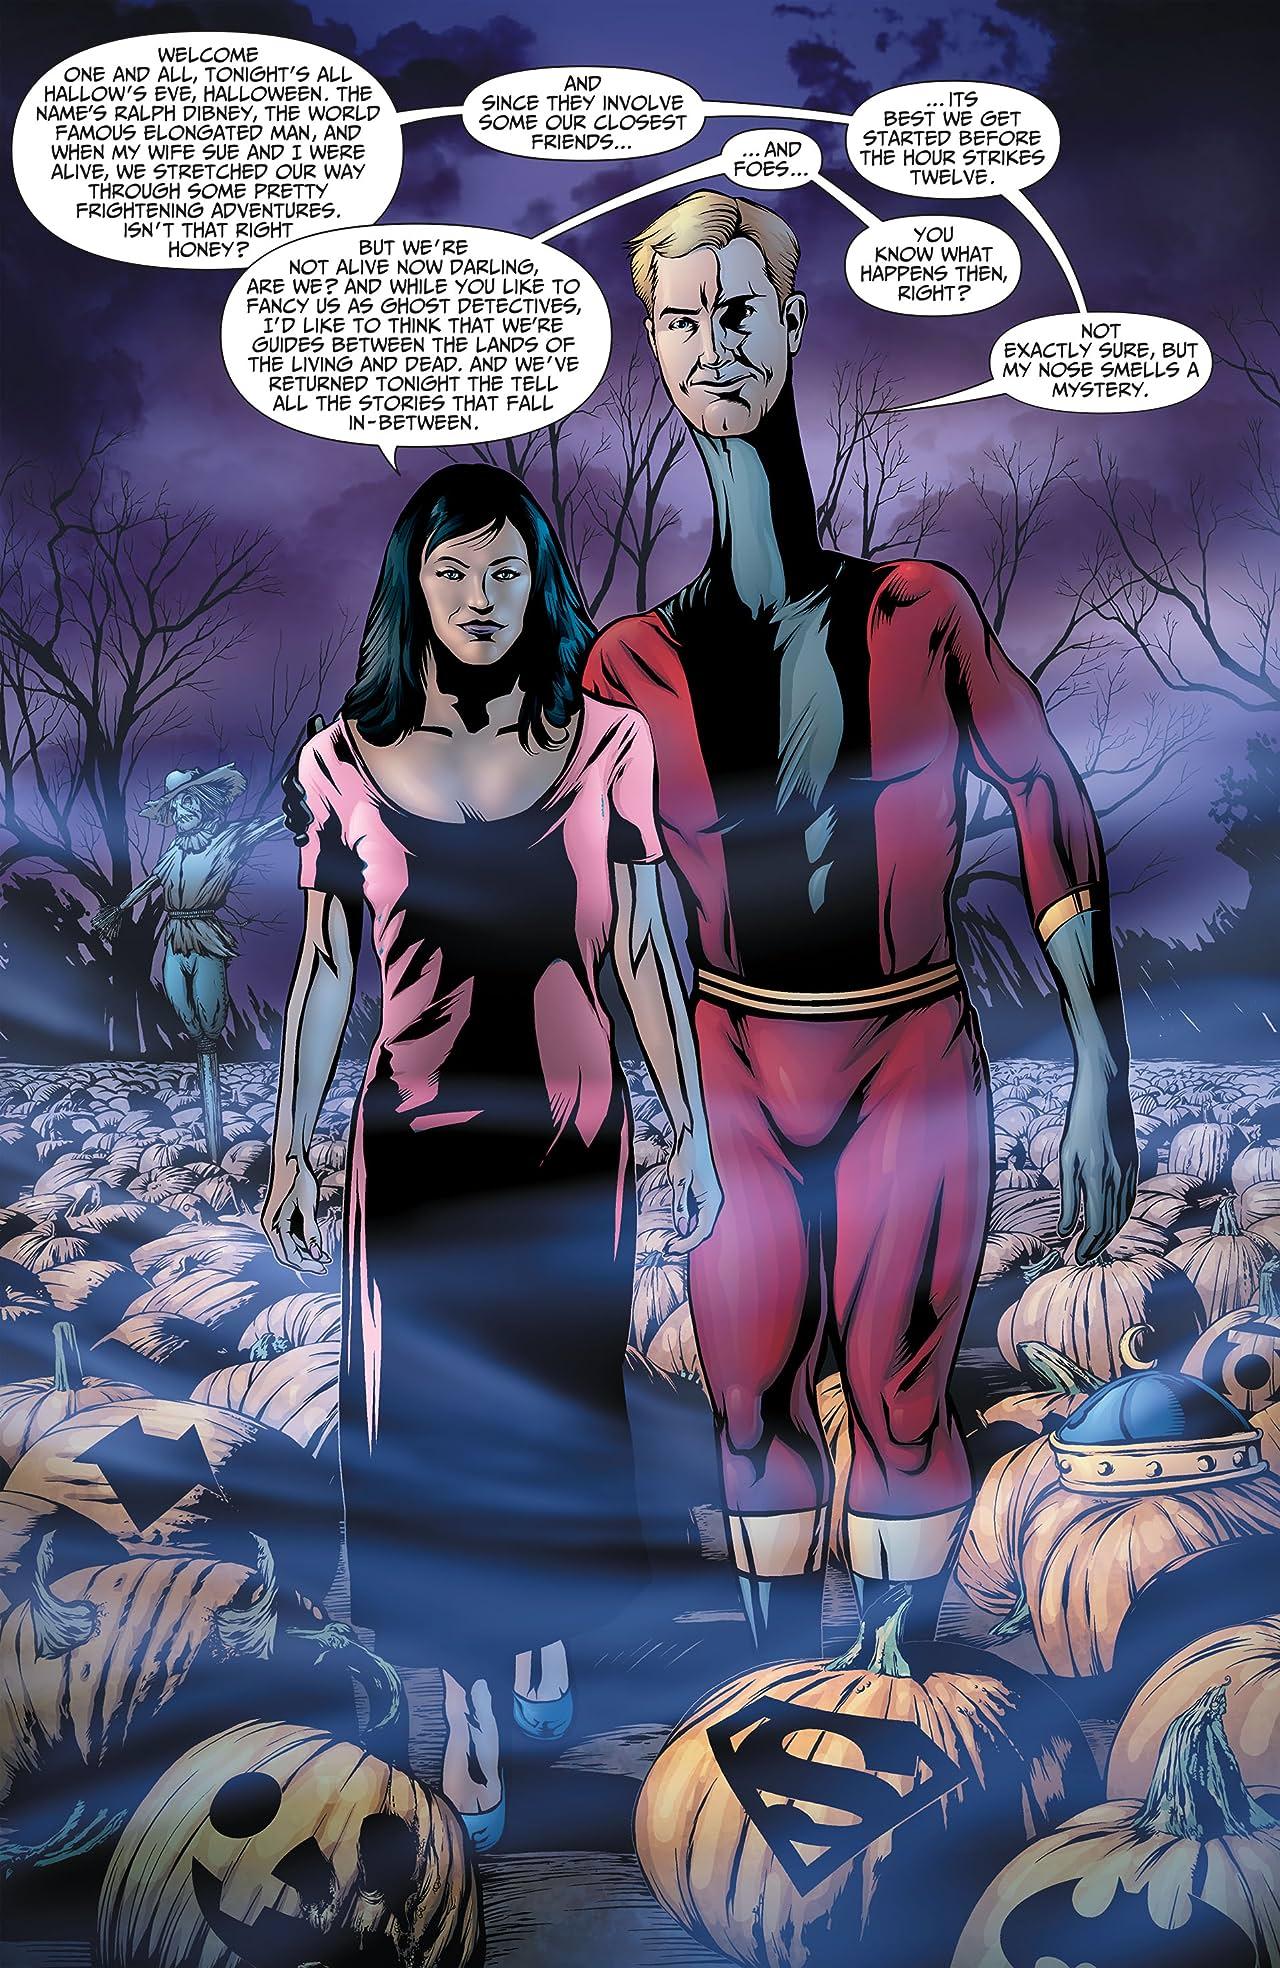 DCU Halloween Special (2008) #1